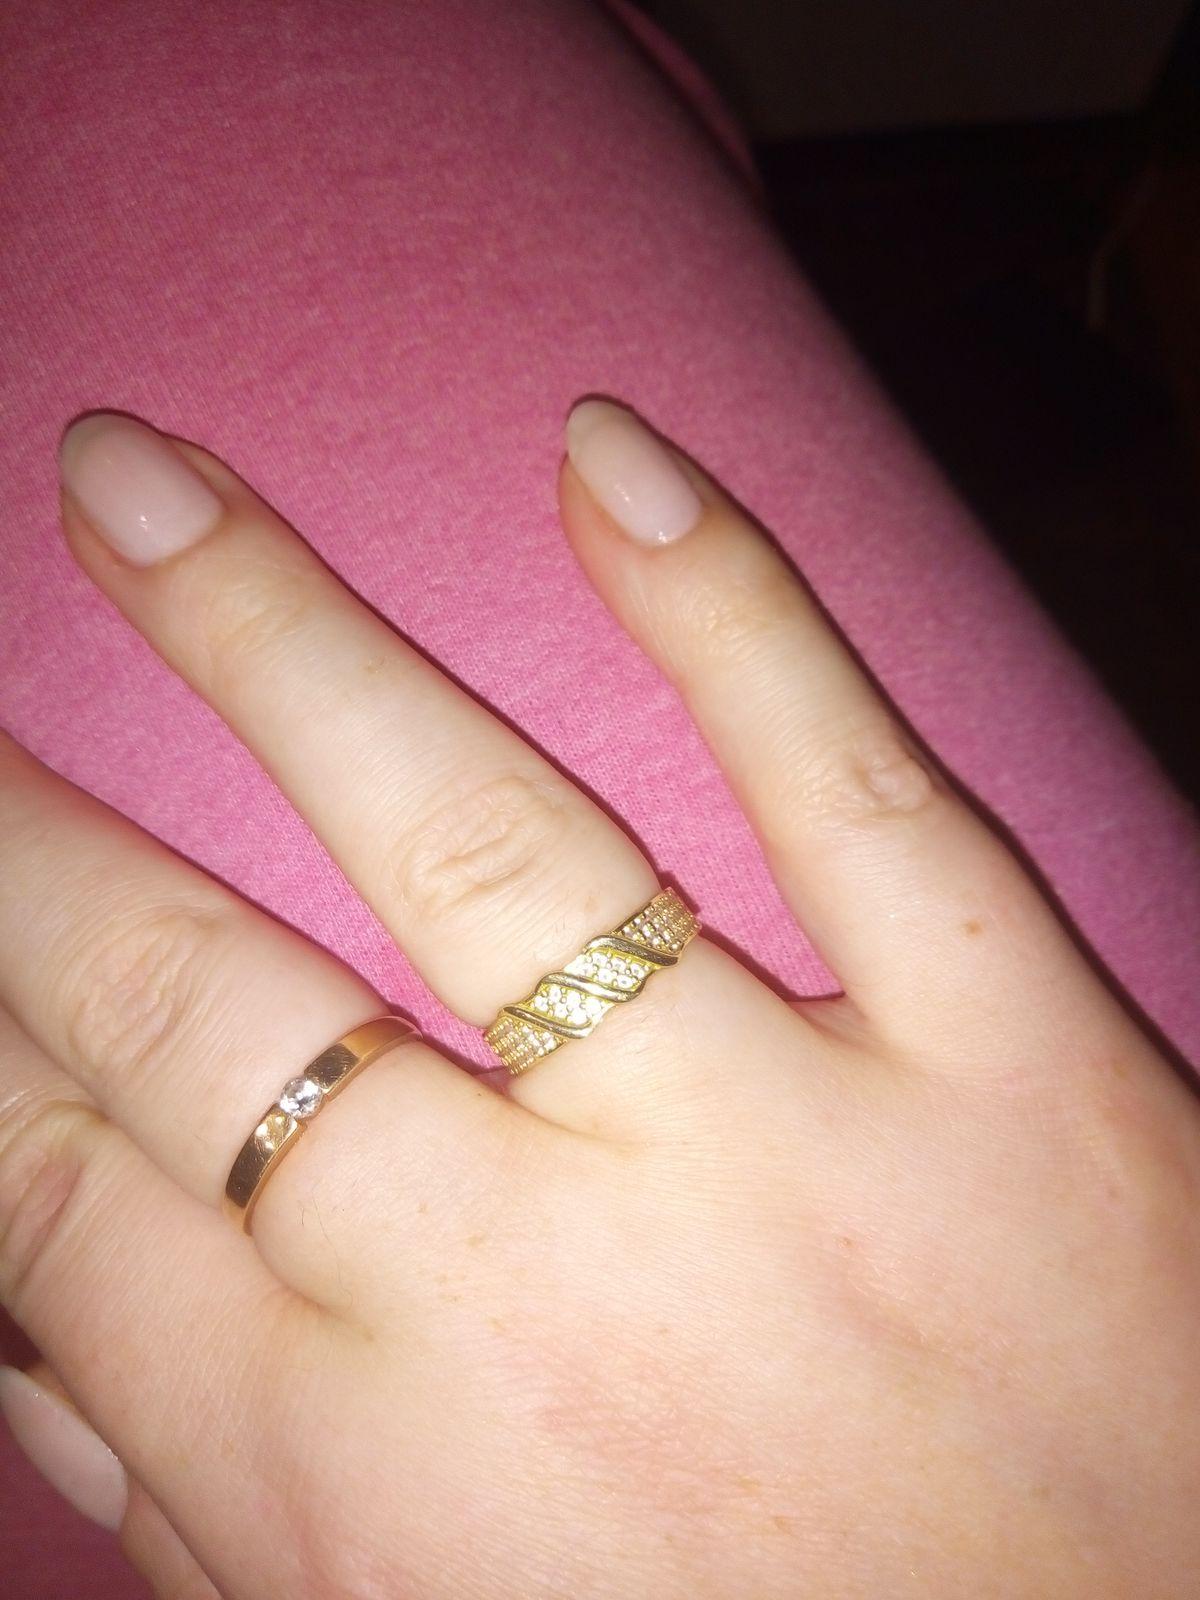 Очень красивое кольцо 💍💎